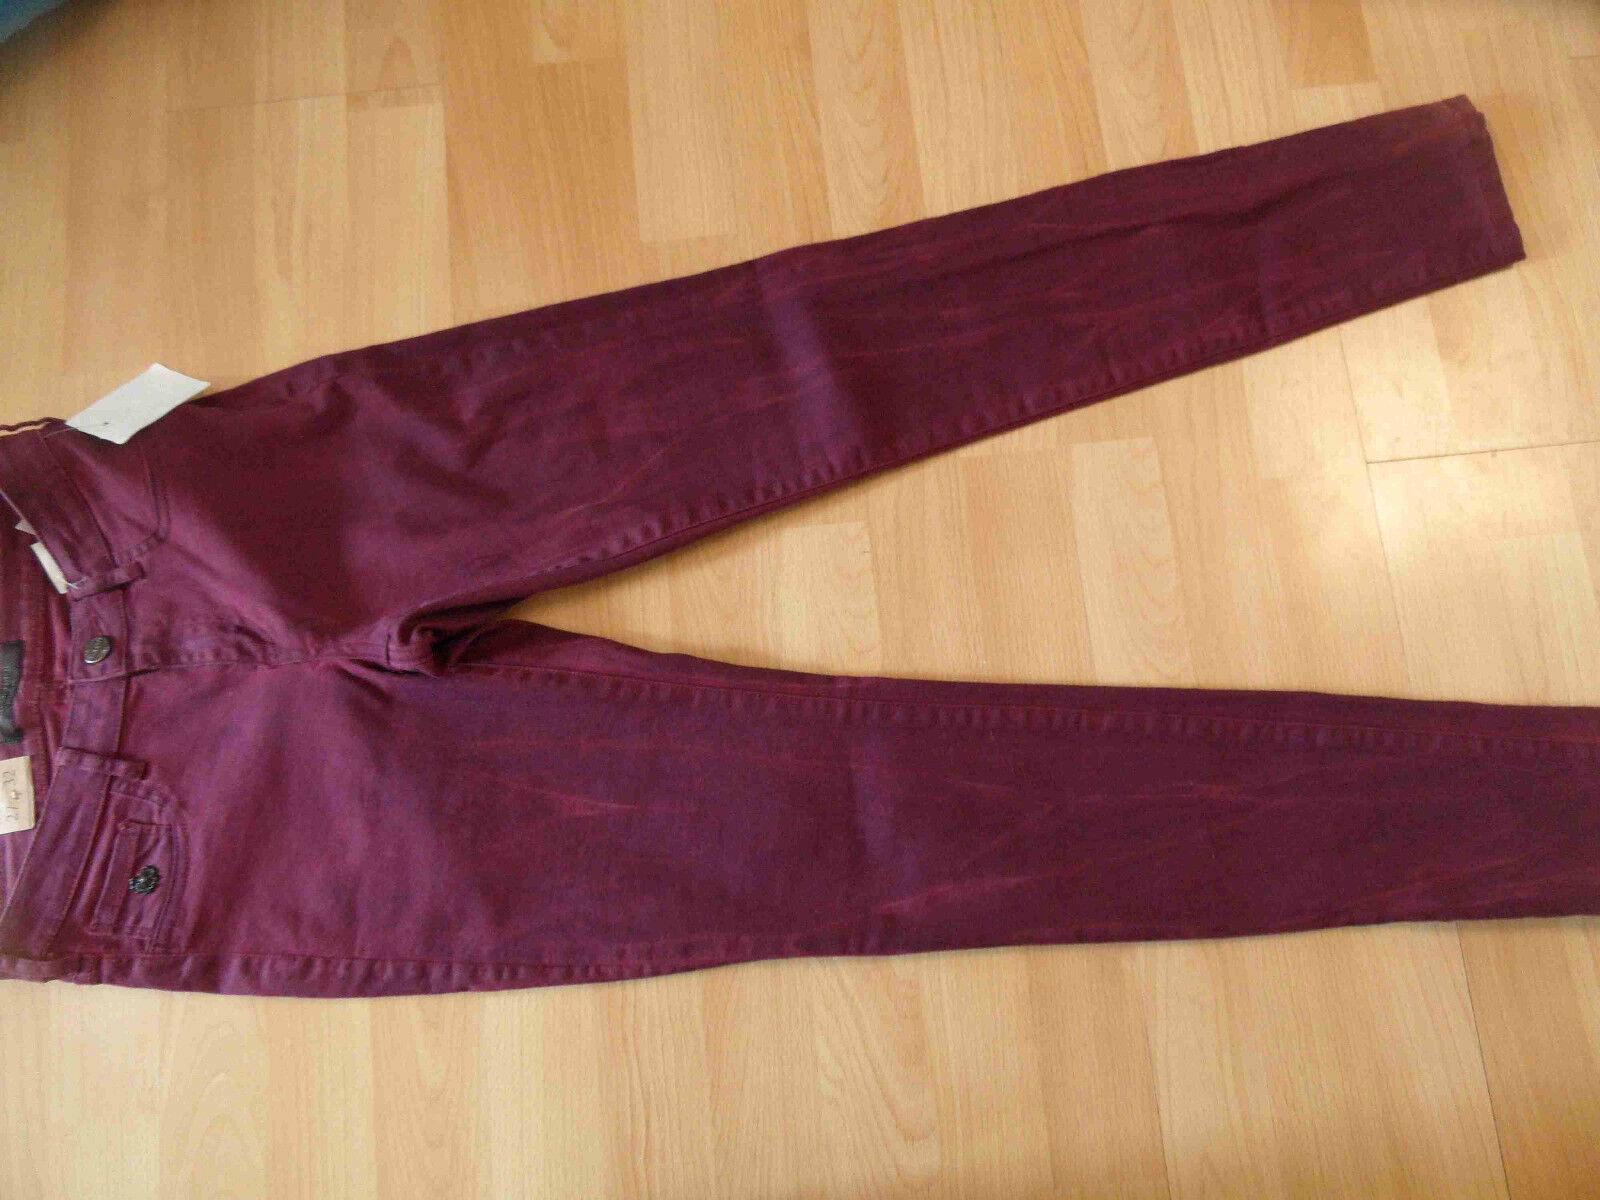 MAISON SCOTCH coole Jeans la voyage bordeaux Gr. 27 32 NEU 216